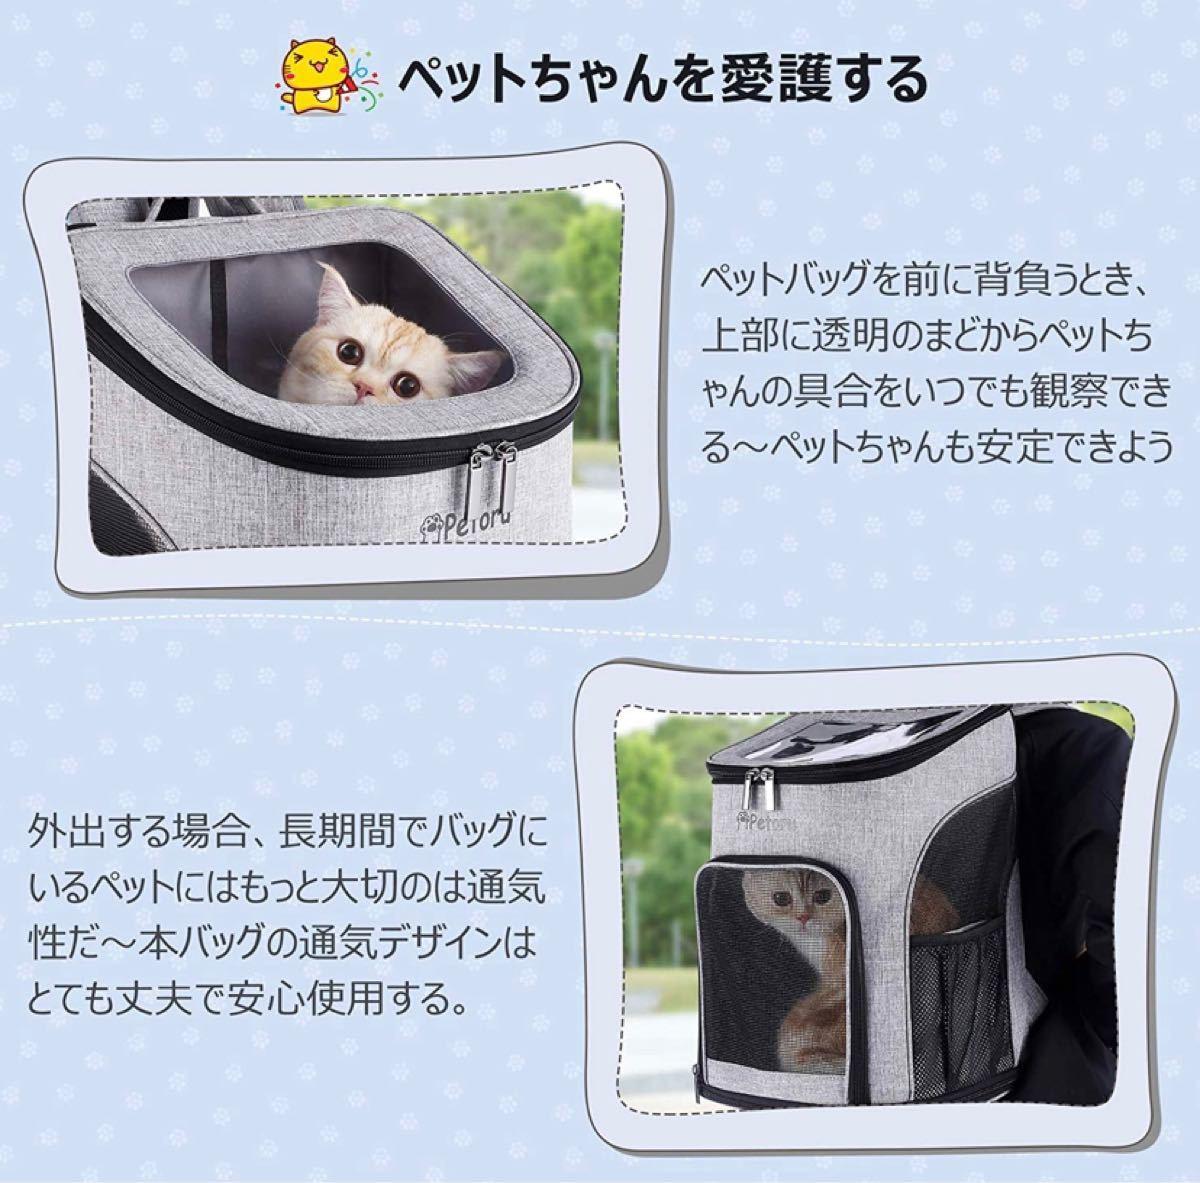 猫 キャリー バッグ ペットキャリーバッグ ペットバッグ 小型猫・犬用